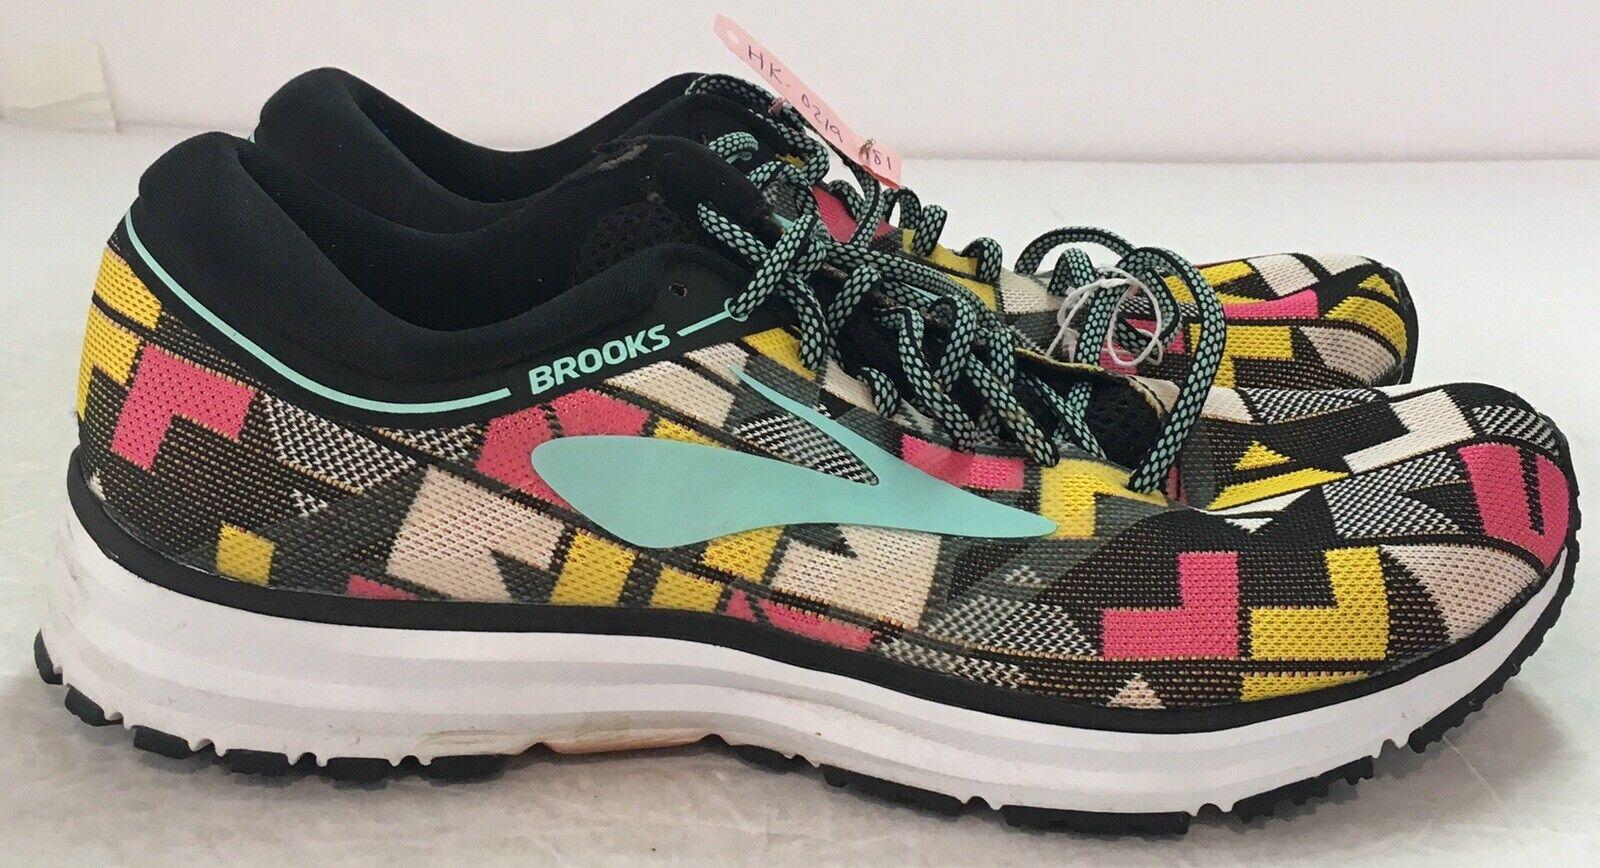 BROOKS Revel damen Multi-Farbe Athletic Running schuhe Sz 11